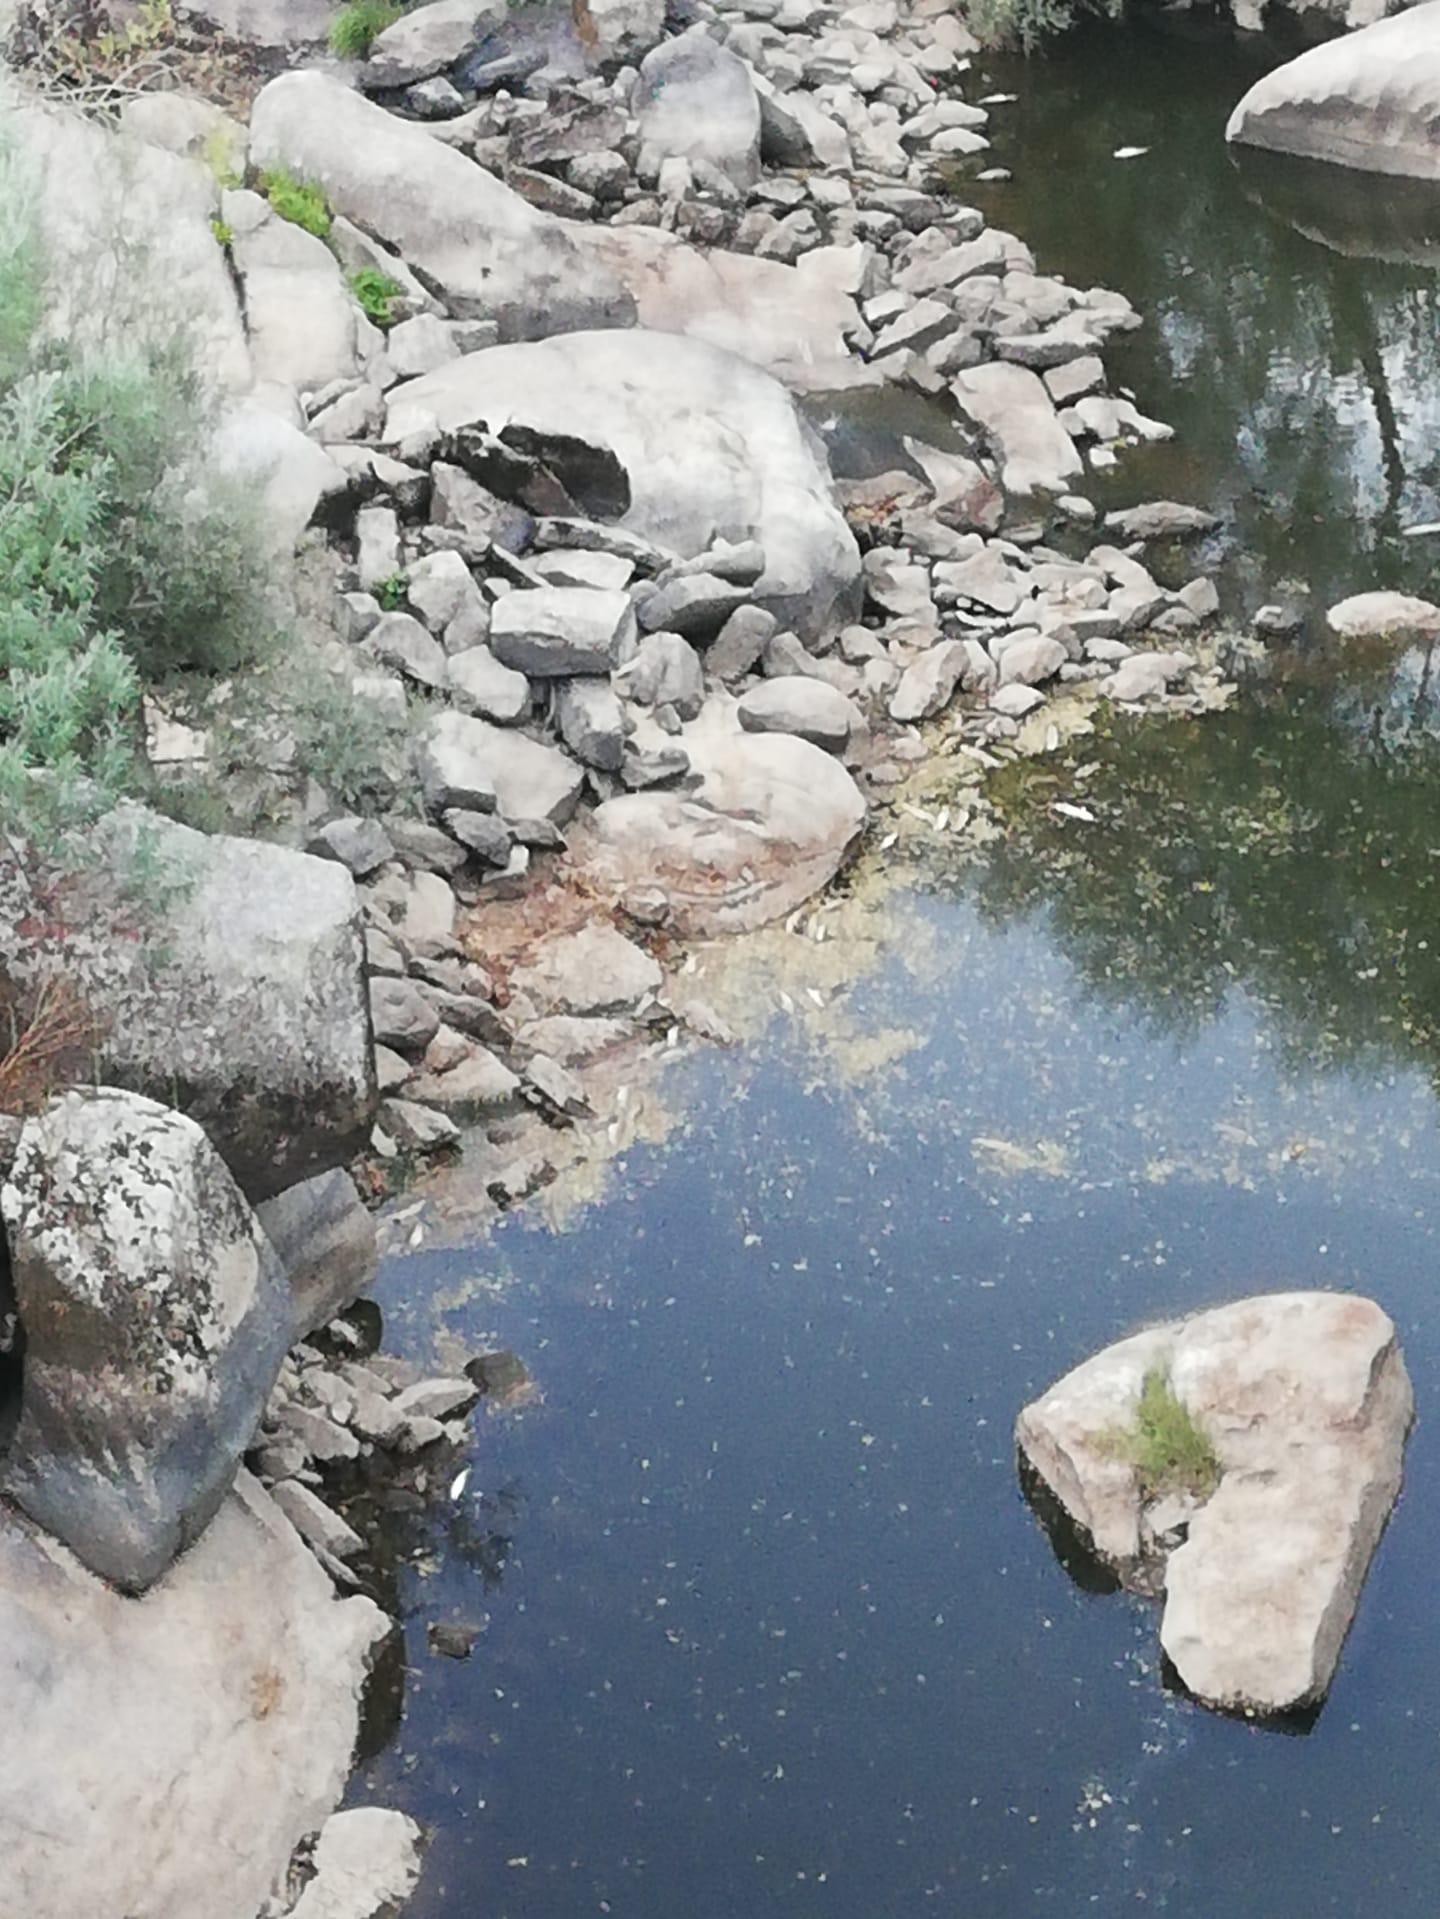 Carregal do sal: Peixes mortos encontrados no rio Mondego